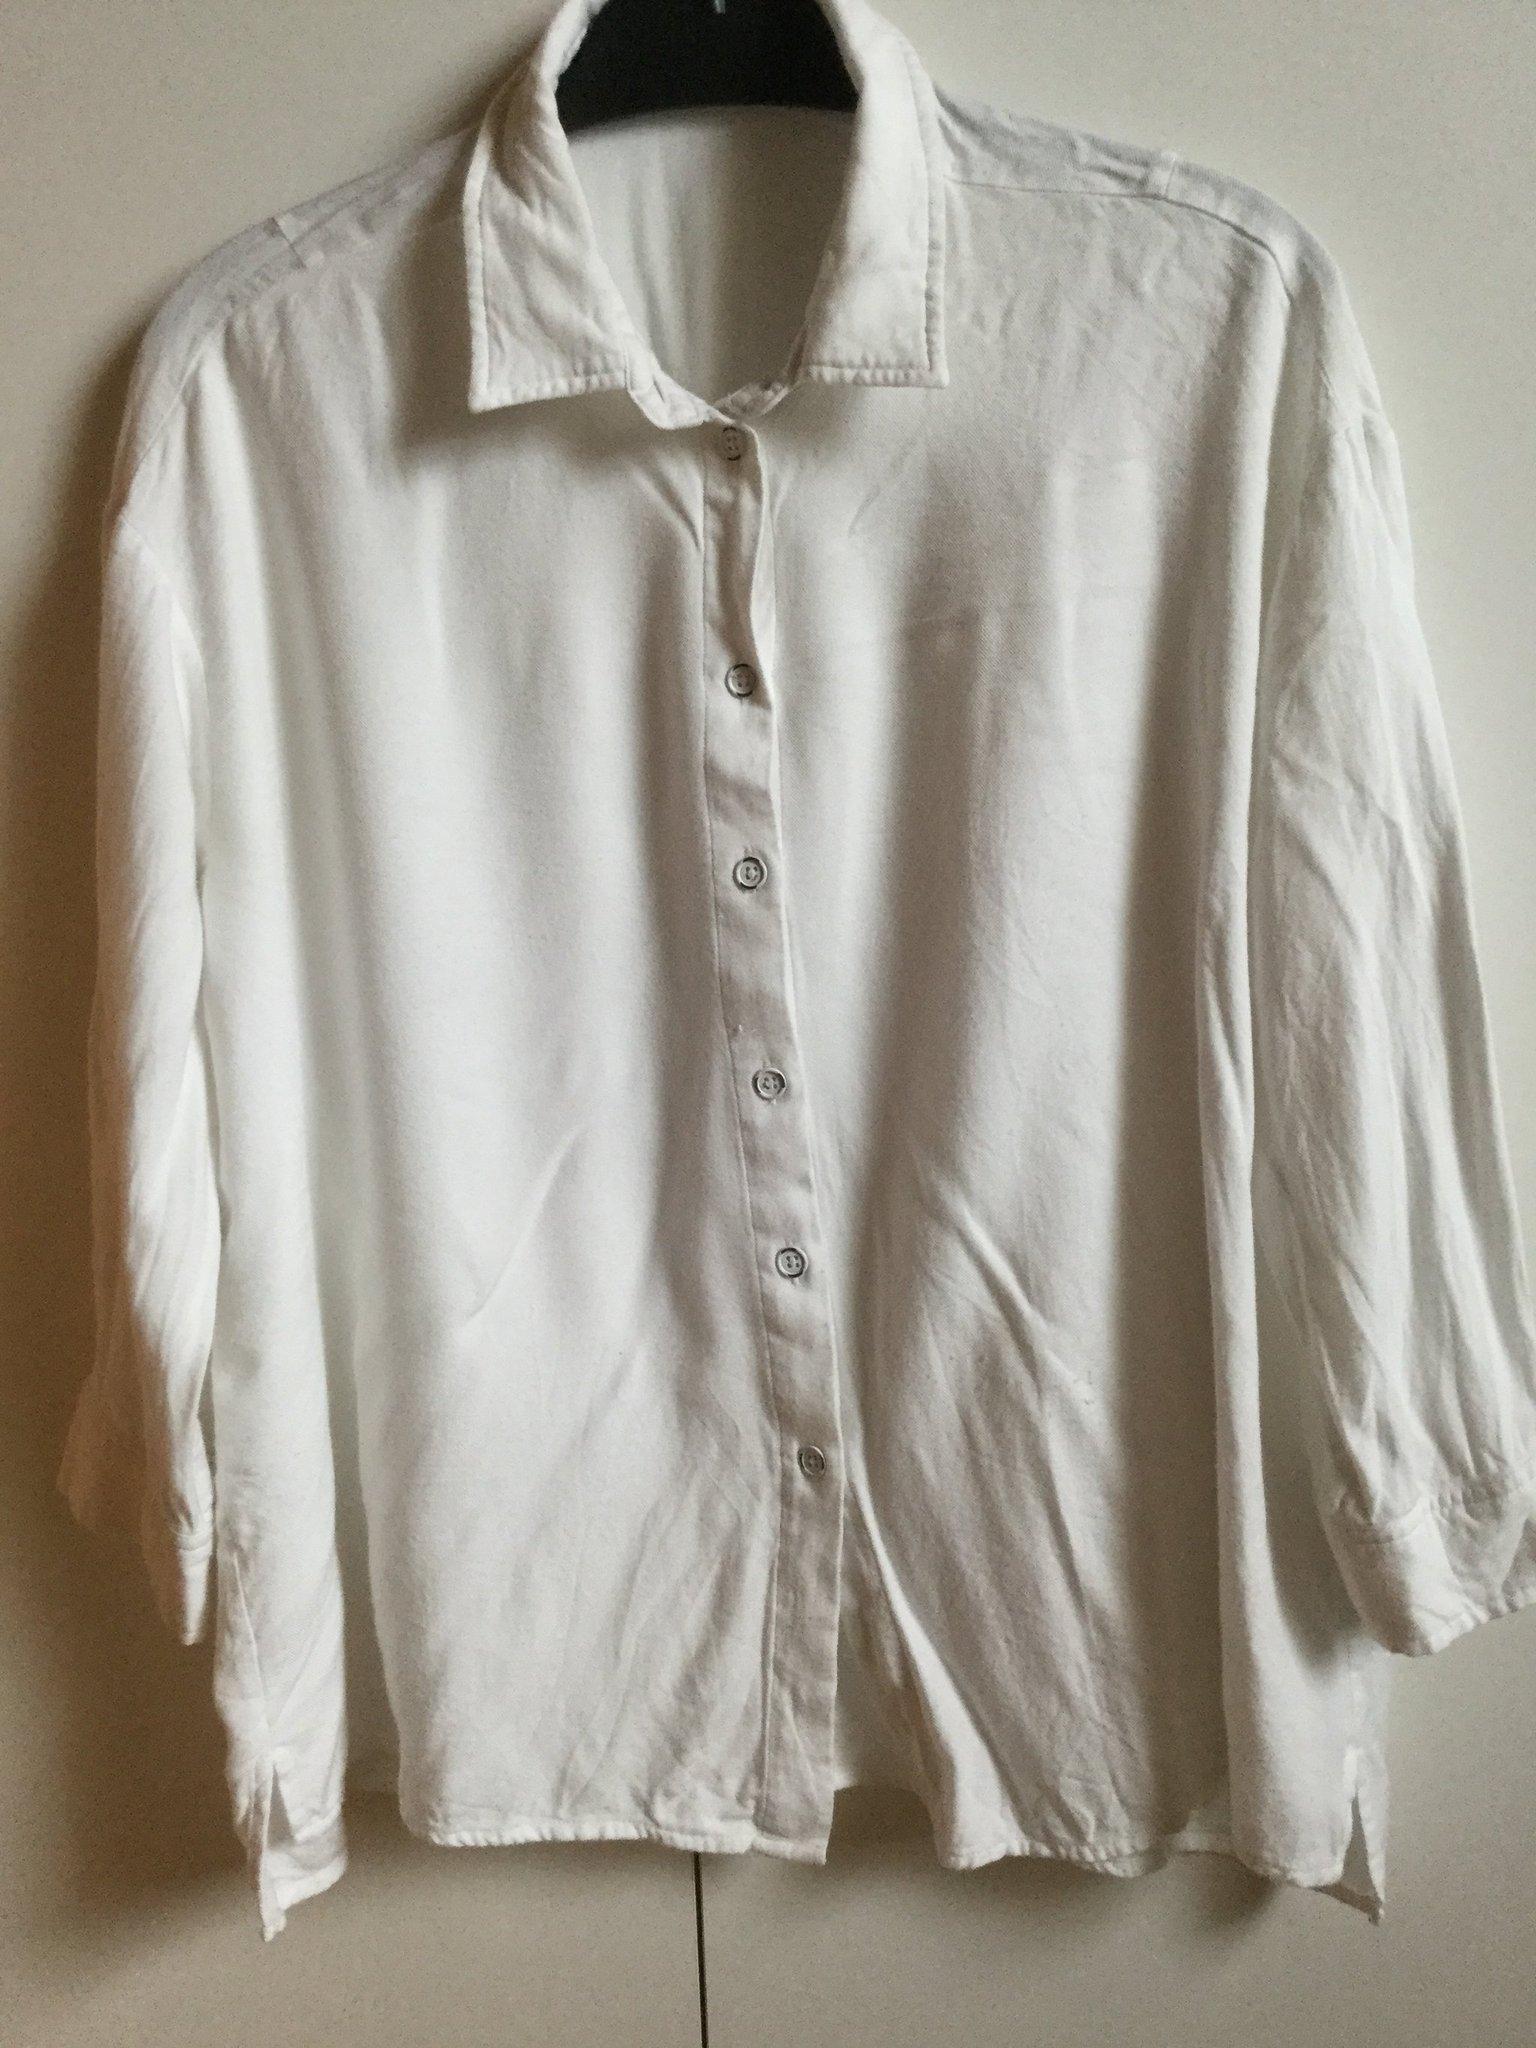 TIGER OF SWEDEN 100% bomull vit långärmad tröja M